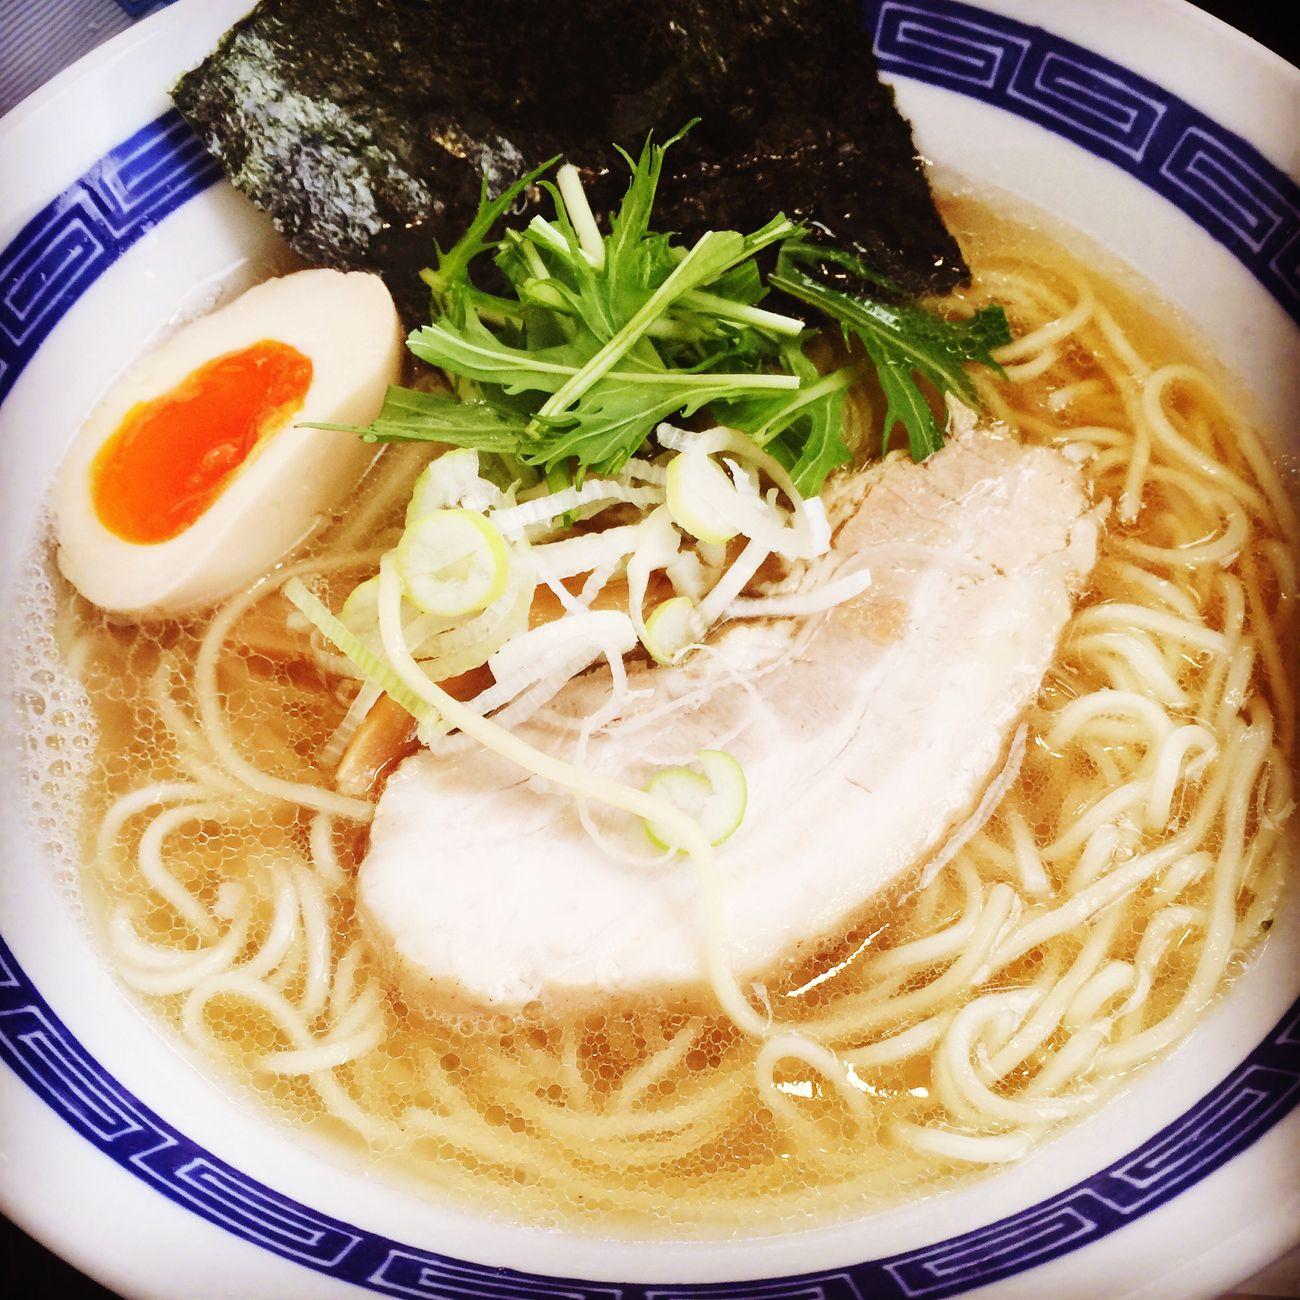 ラーメン ラーメン部 Foodphotography Food Japaneasefood Ramen Ramen Noodle Ramen!